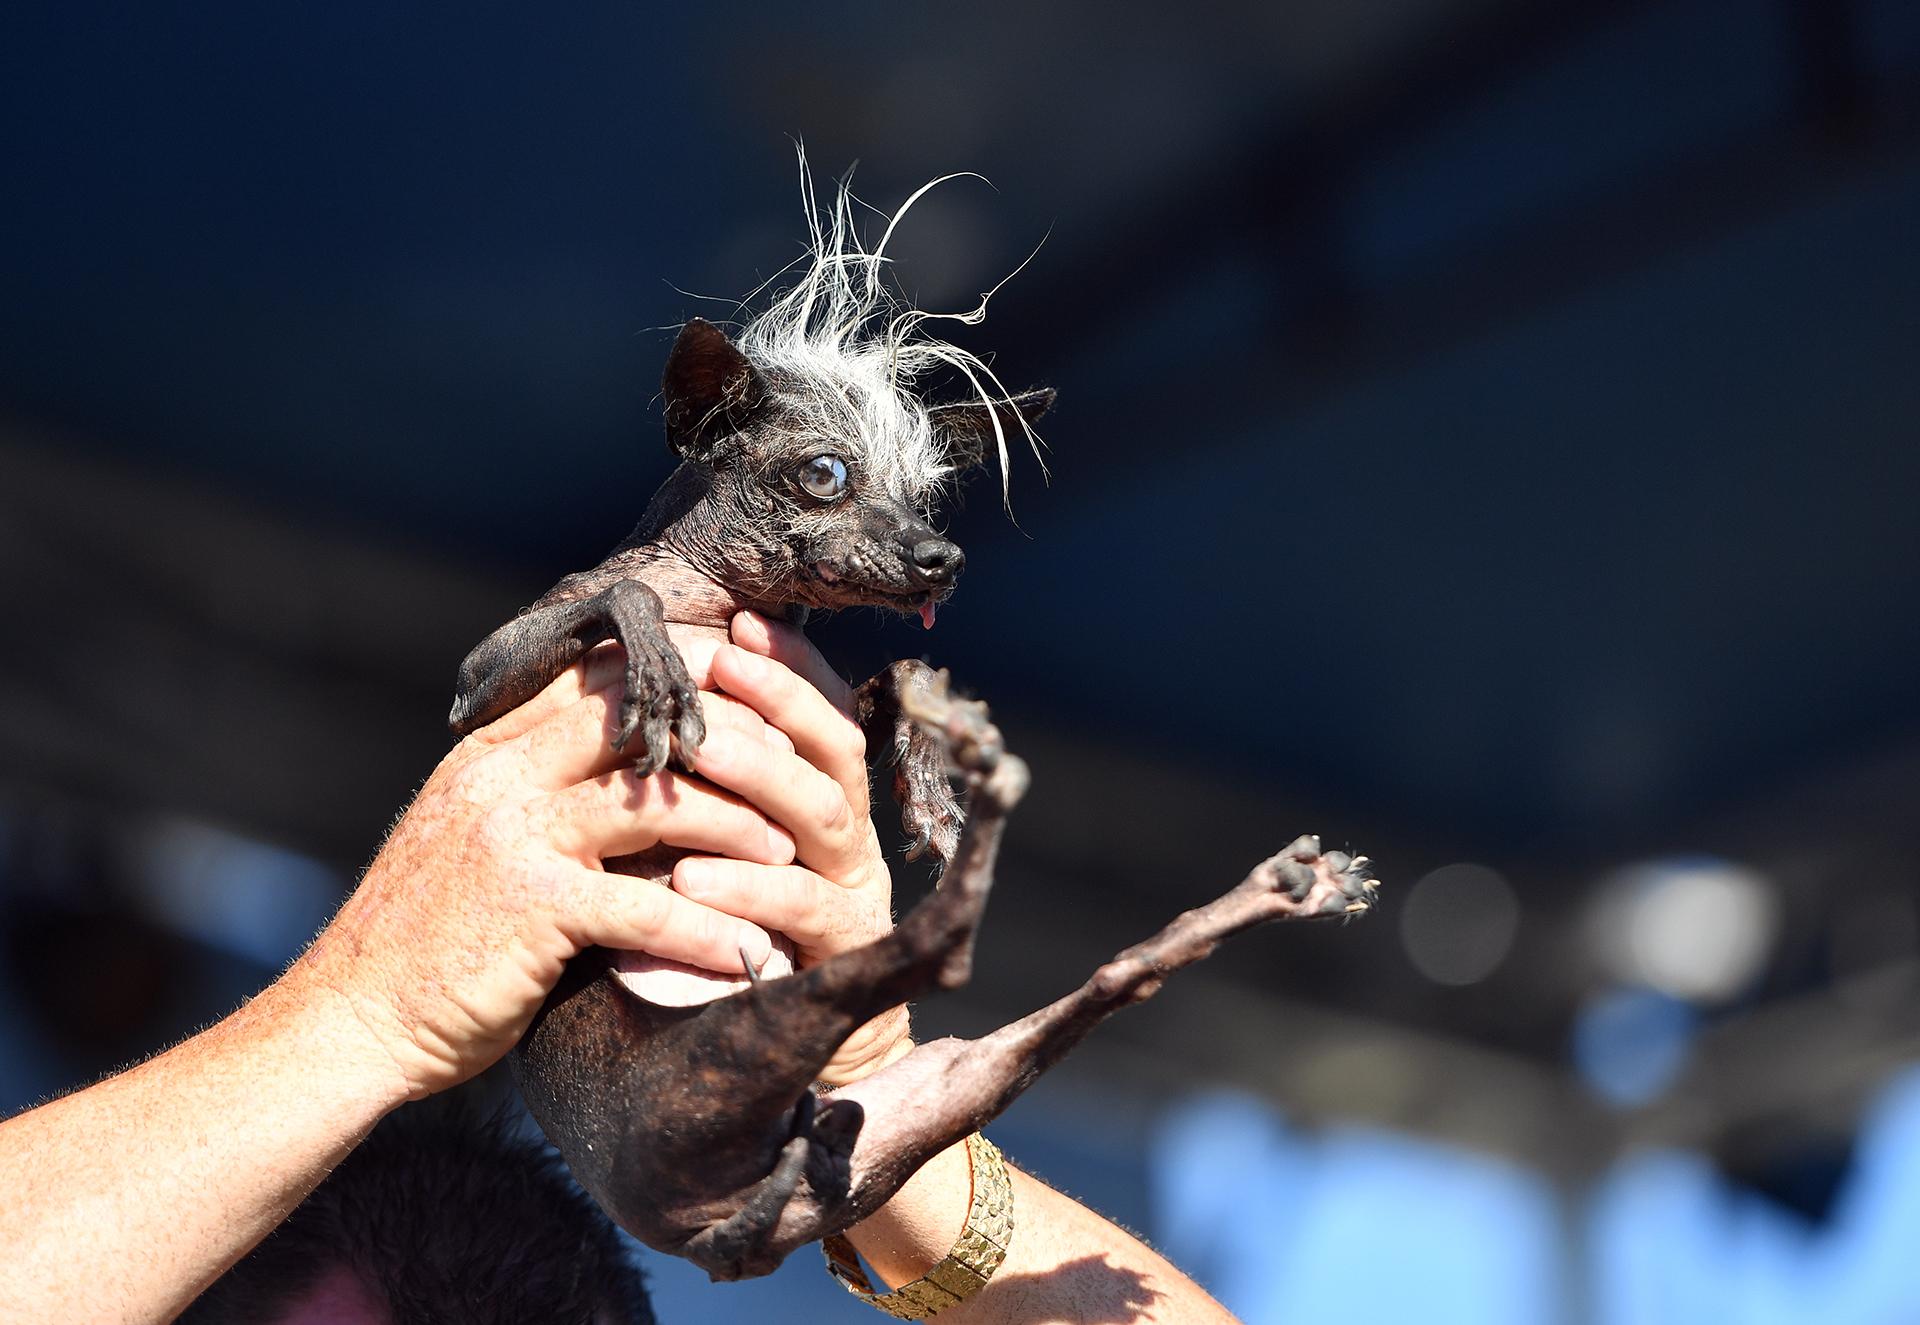 El evento, que celebra a los perros y sus imperfecciones, se lleva a cabo en California, EE.UU cada año (AFP)